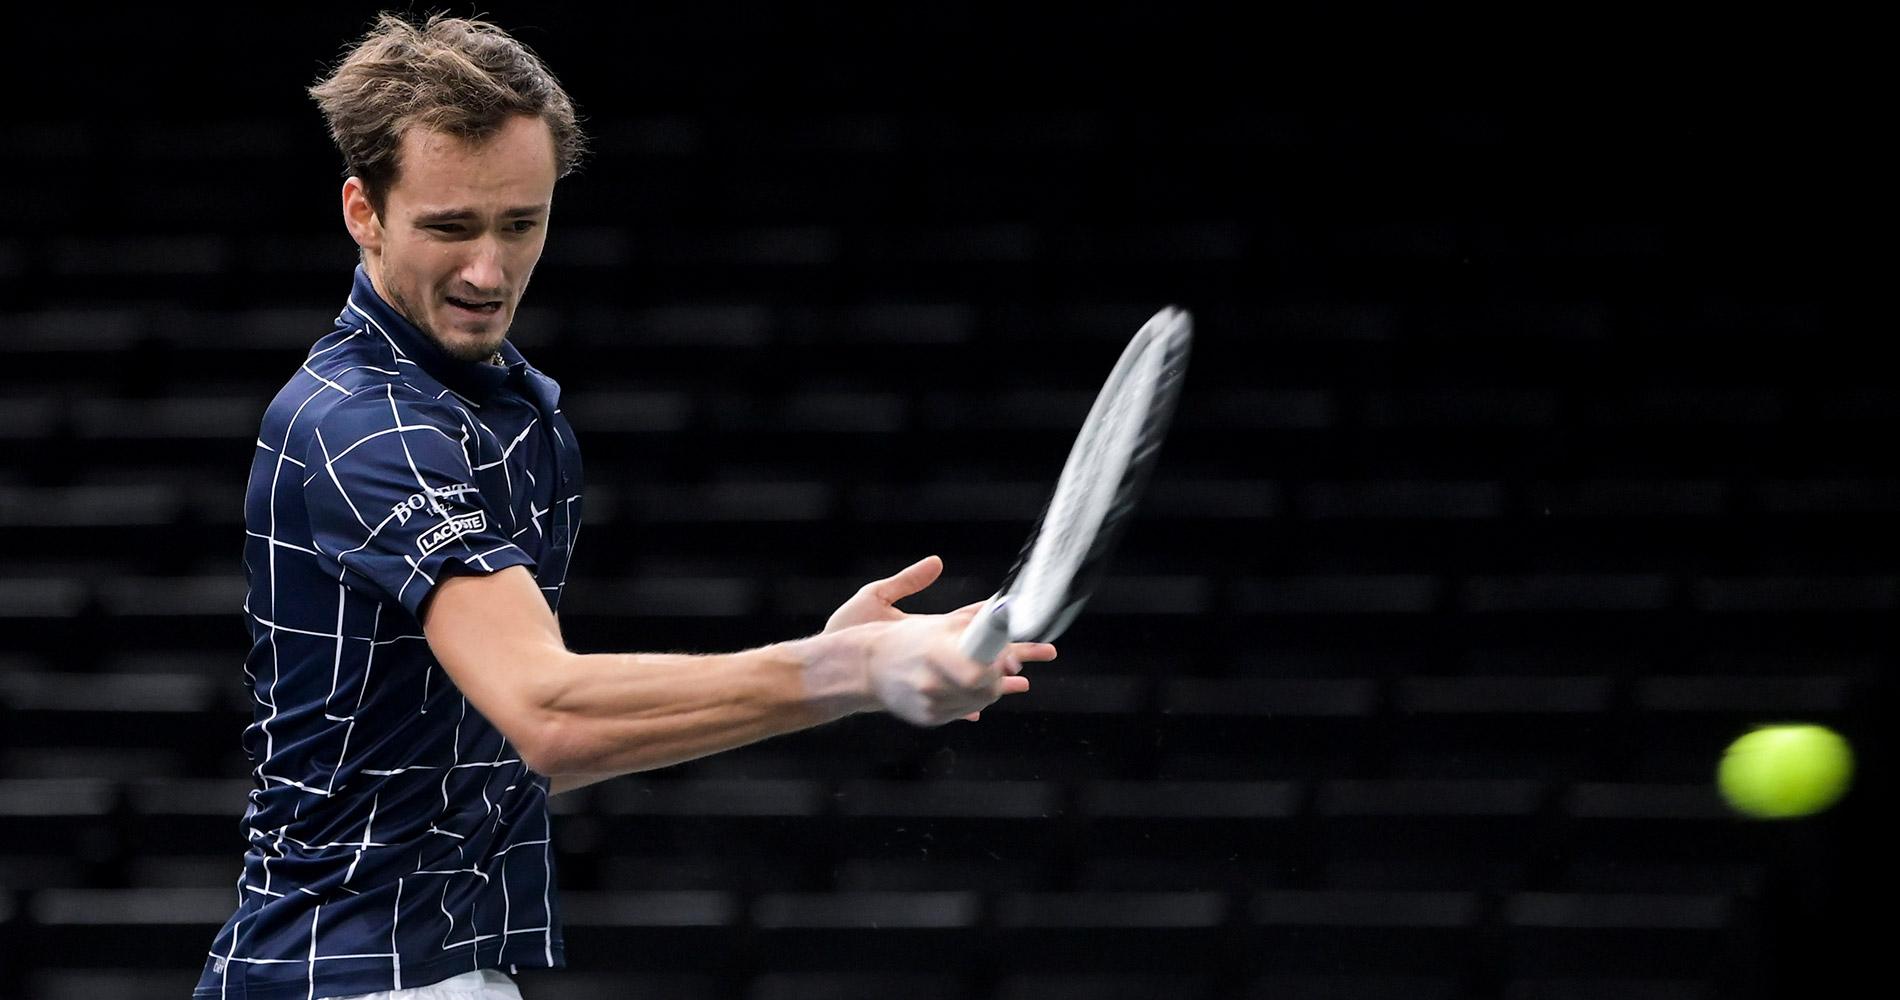 Daniil Medvedev at Paris Masters 2020